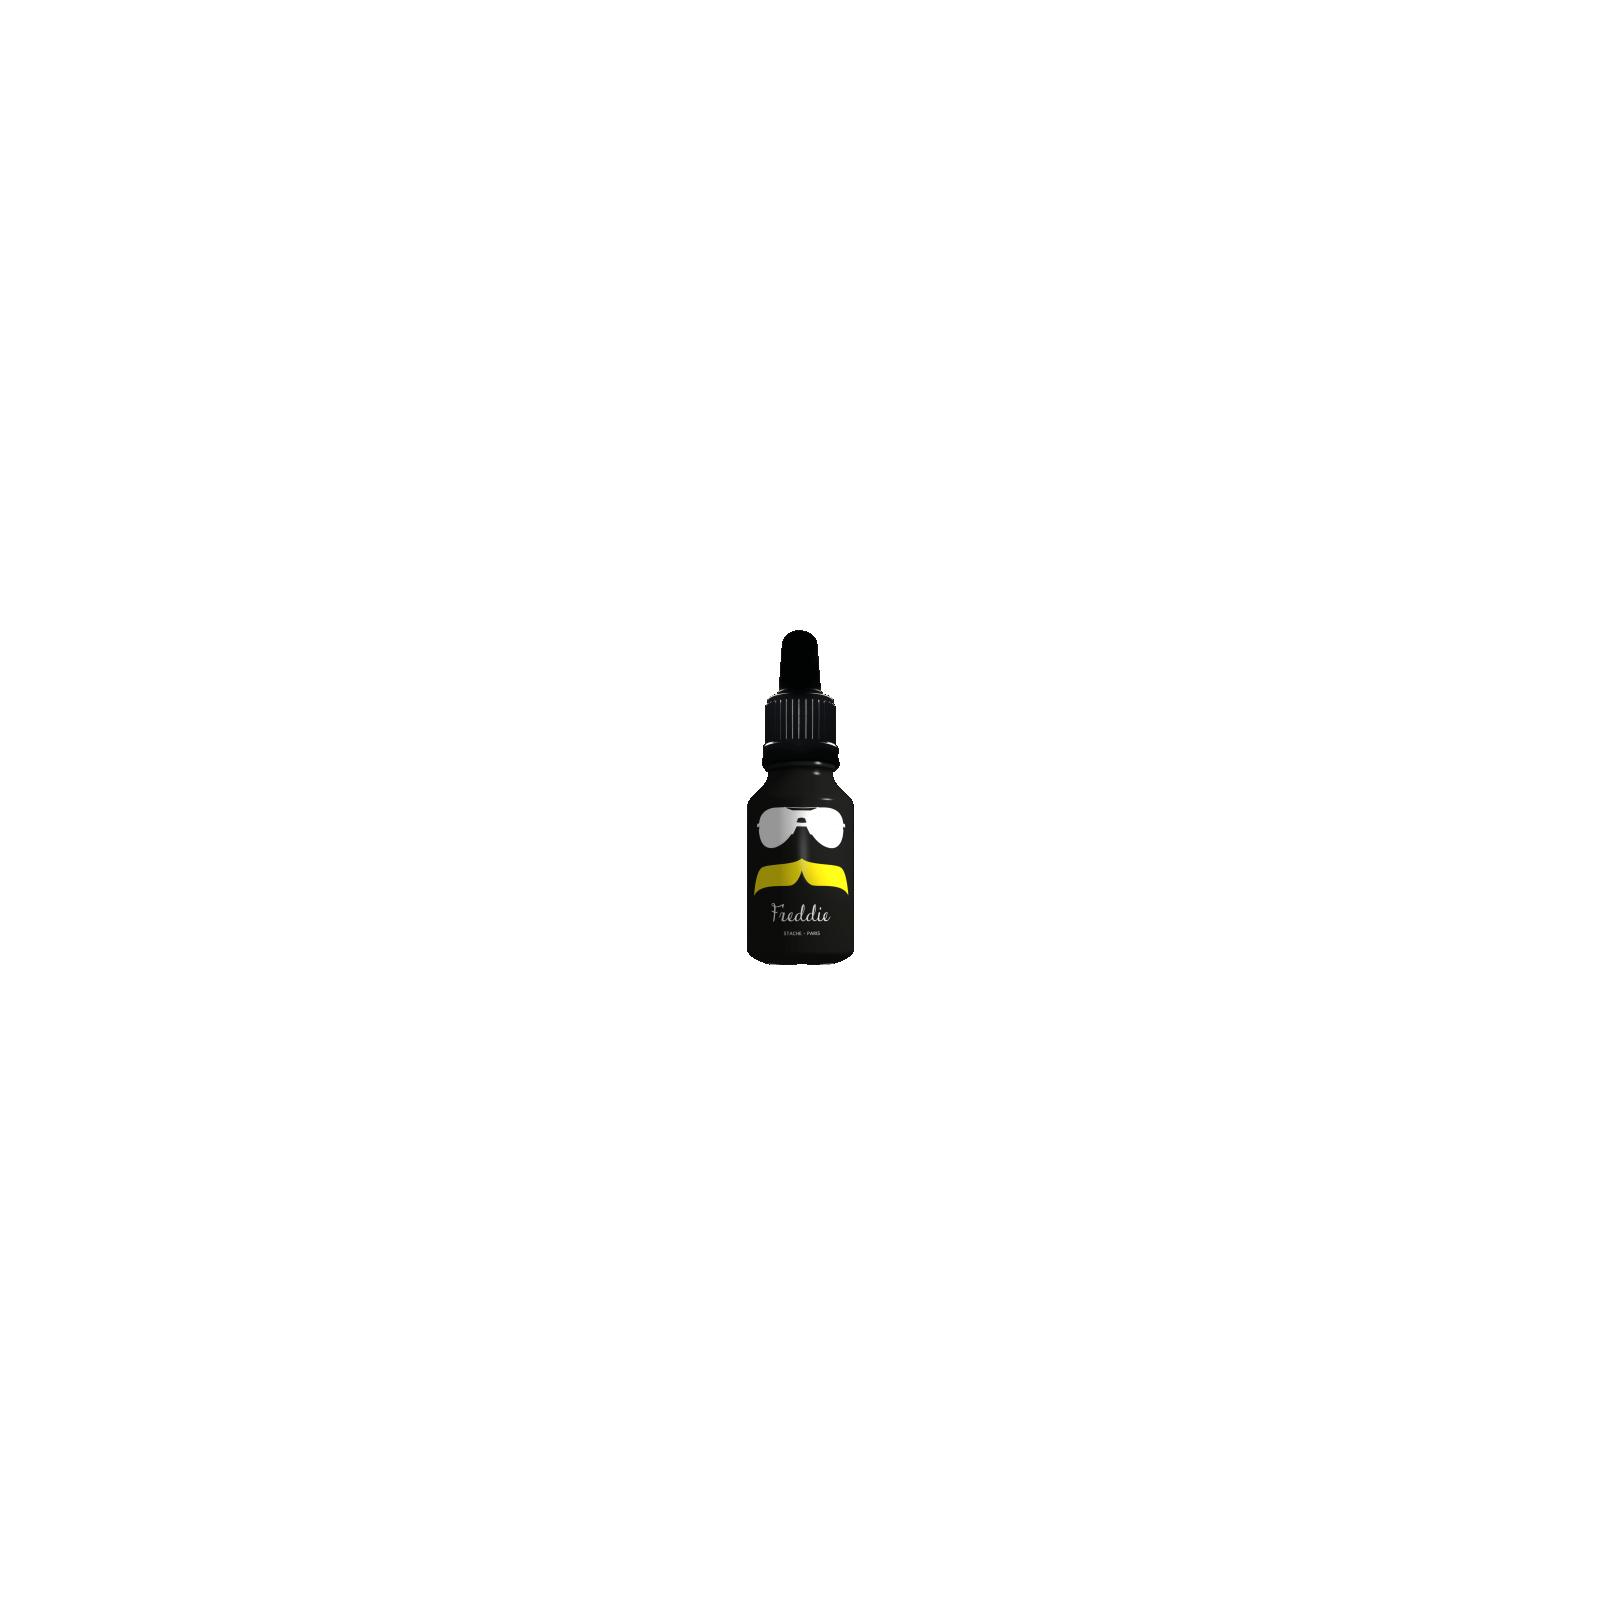 Freddie - STACHE